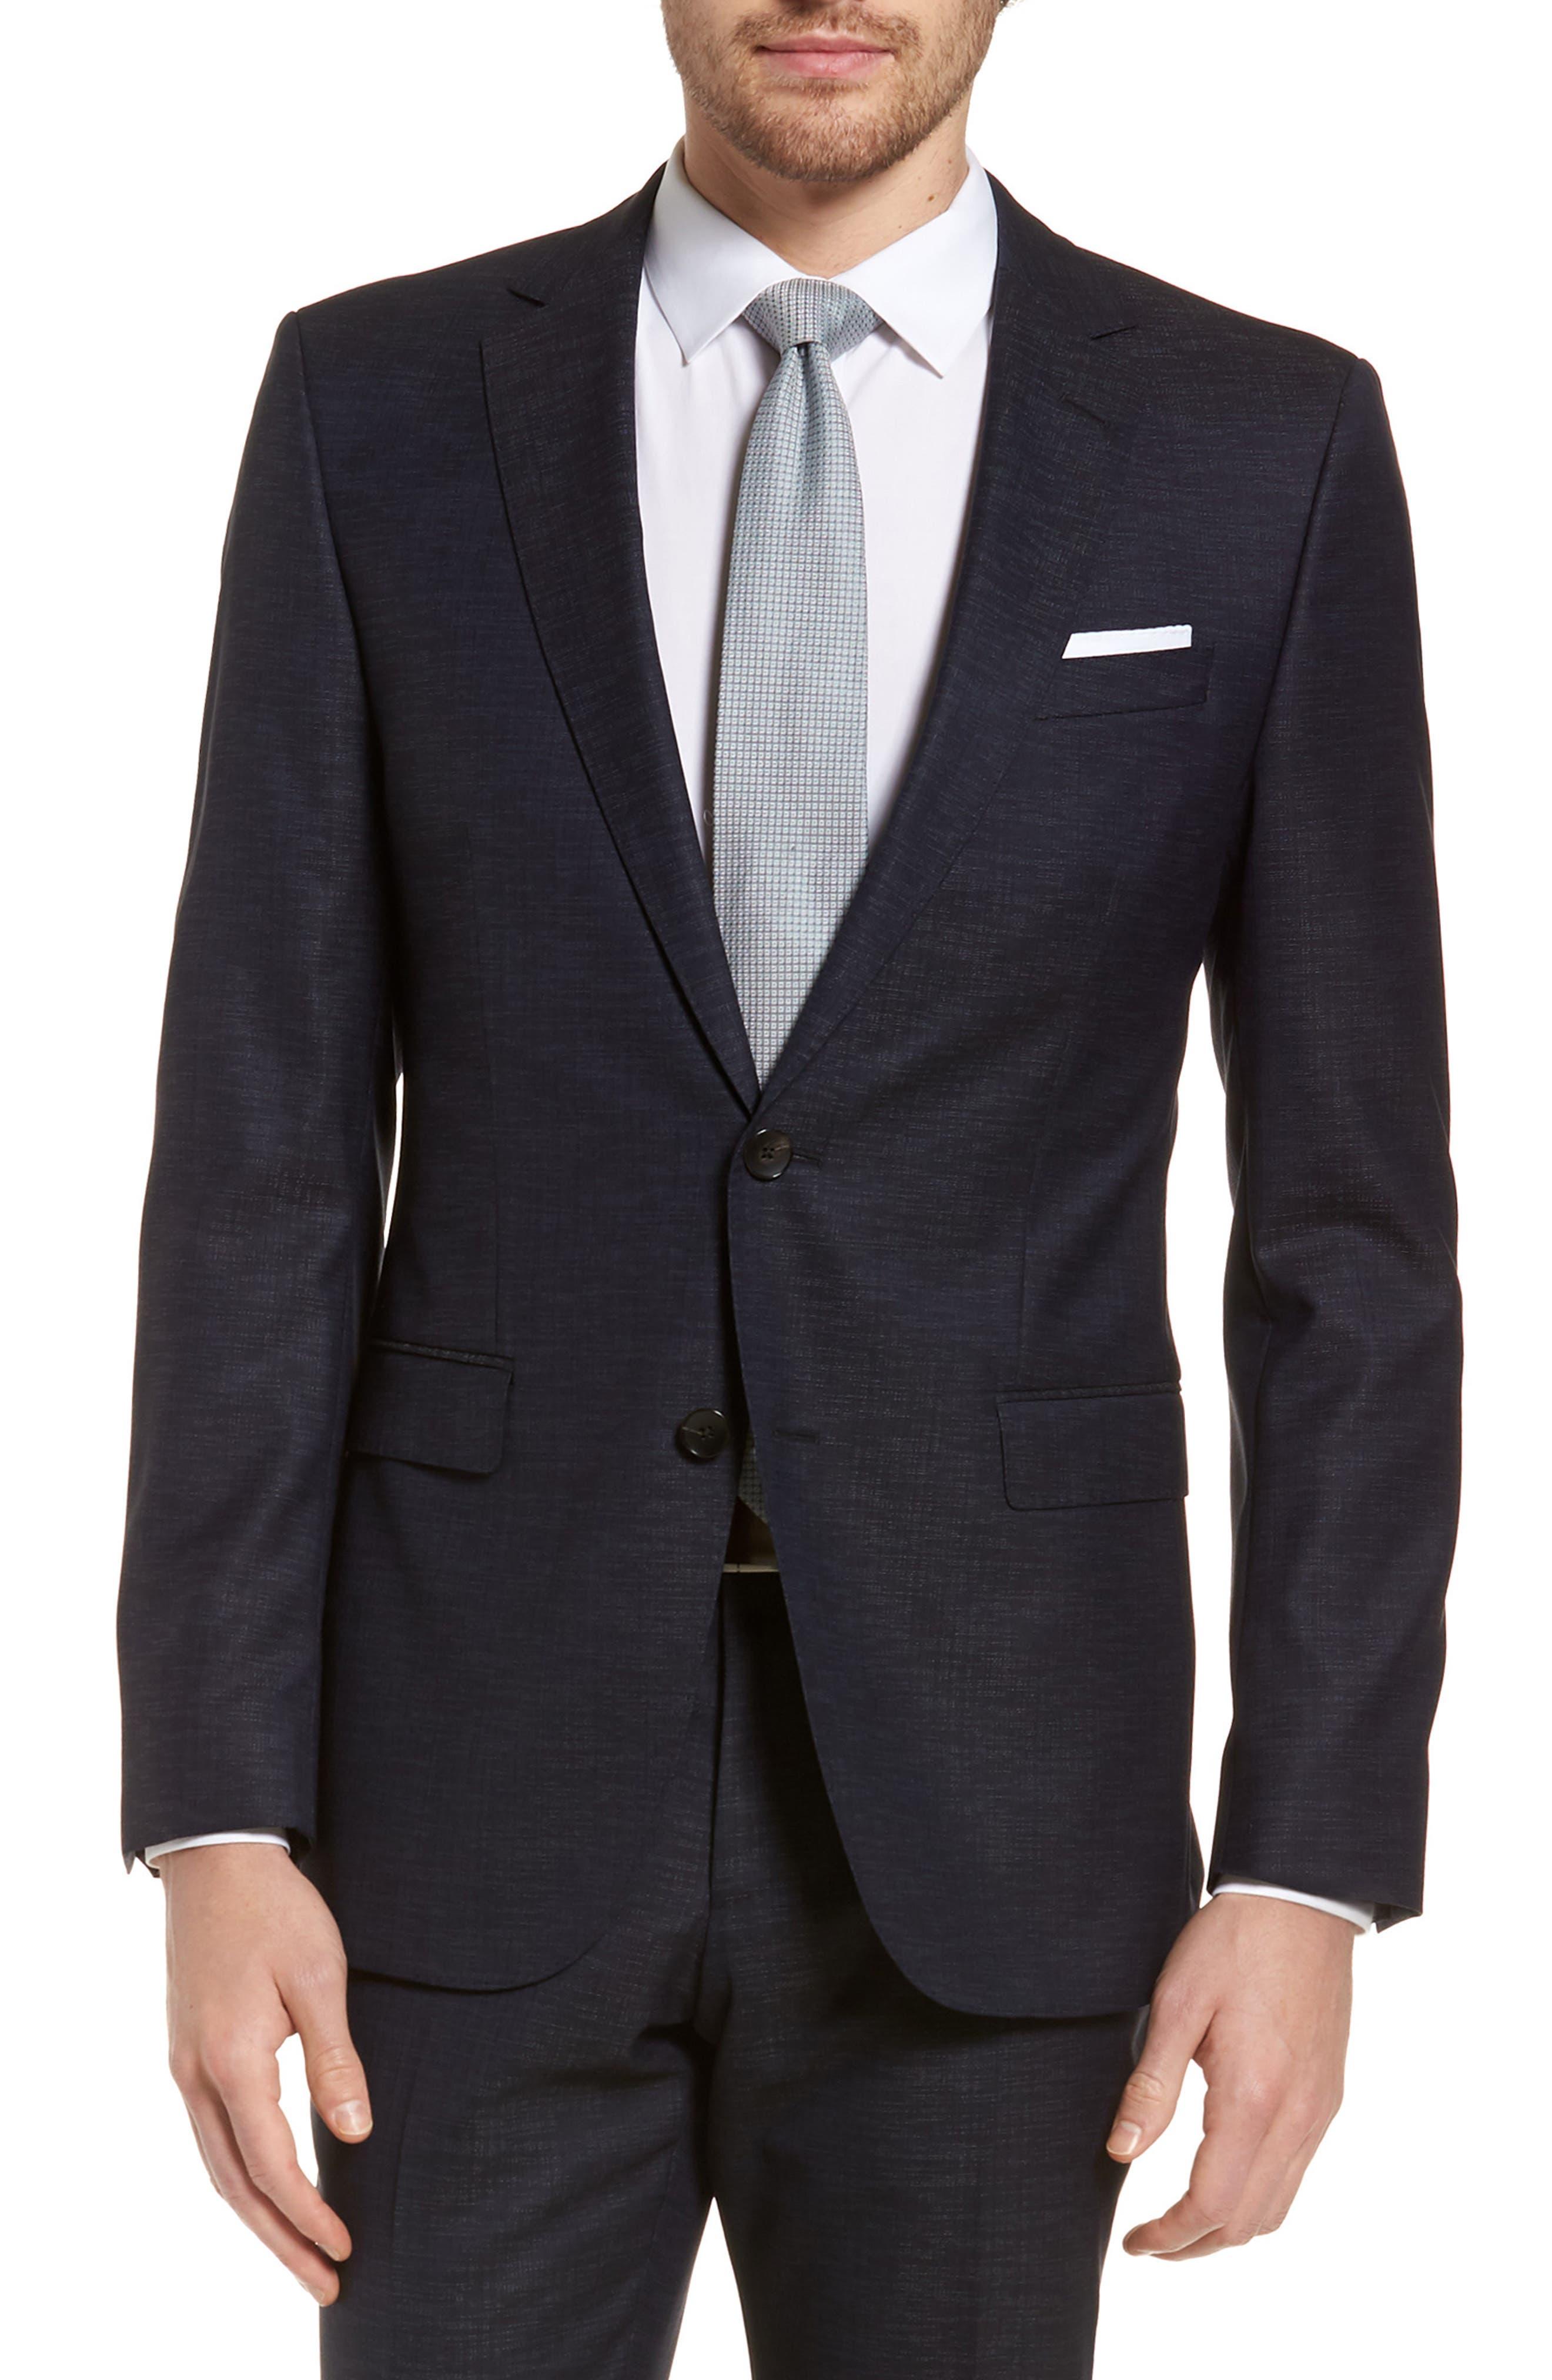 Novan/Ben Trim Fit Solid Wool Blend Suit,                             Alternate thumbnail 5, color,                             Navy